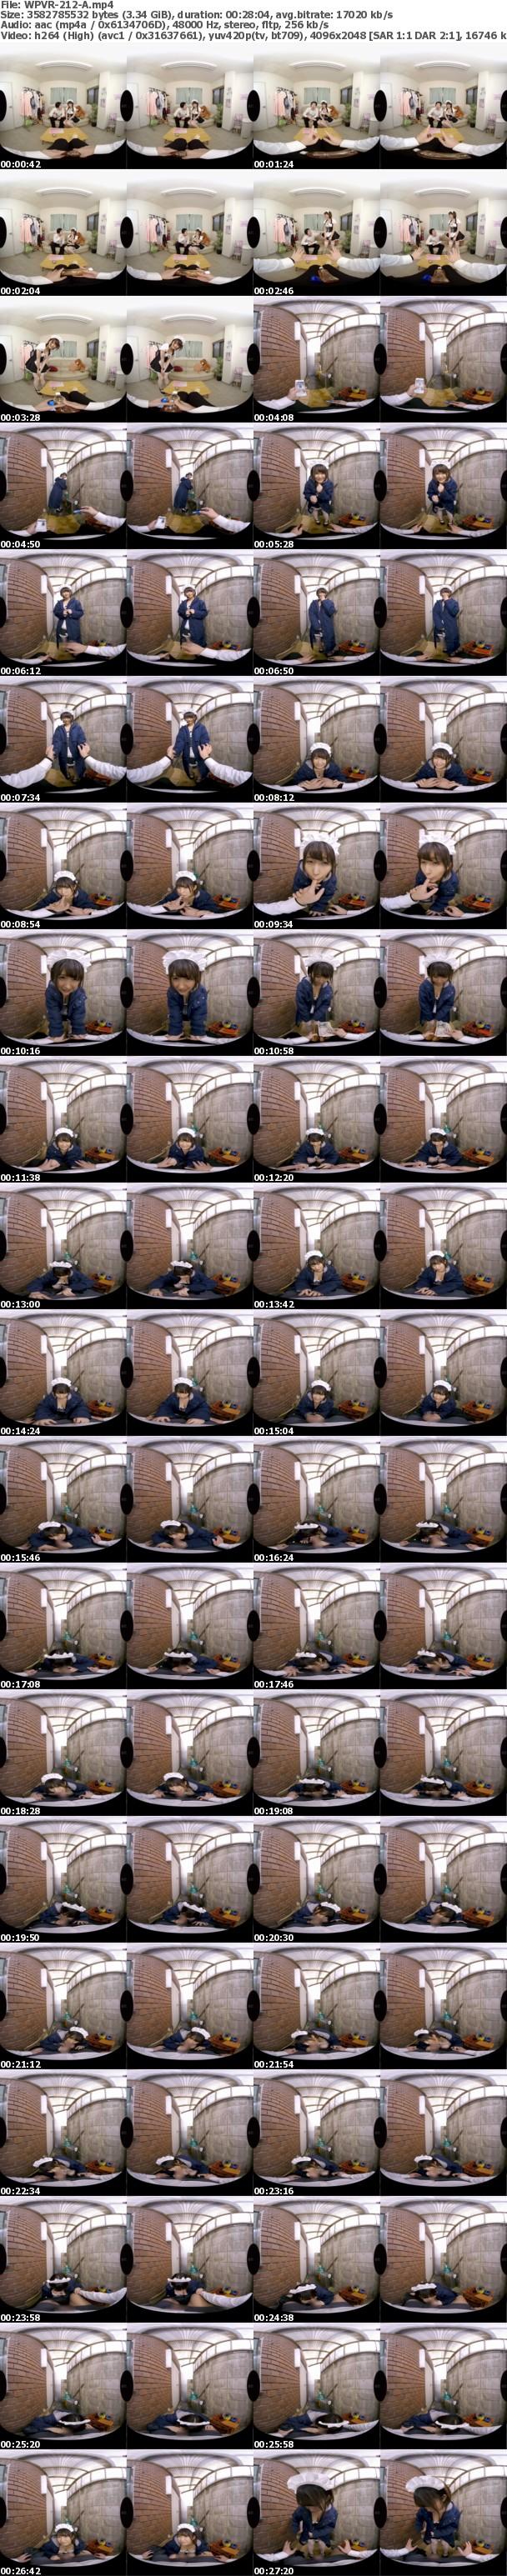 (VR) WPVR-212 「今月のバイト代、私に使ってみません?」童貞の僕を沼落ちさせる新人むっちりF乳ちゃんの中出し円光筆下ろし 深田結梨